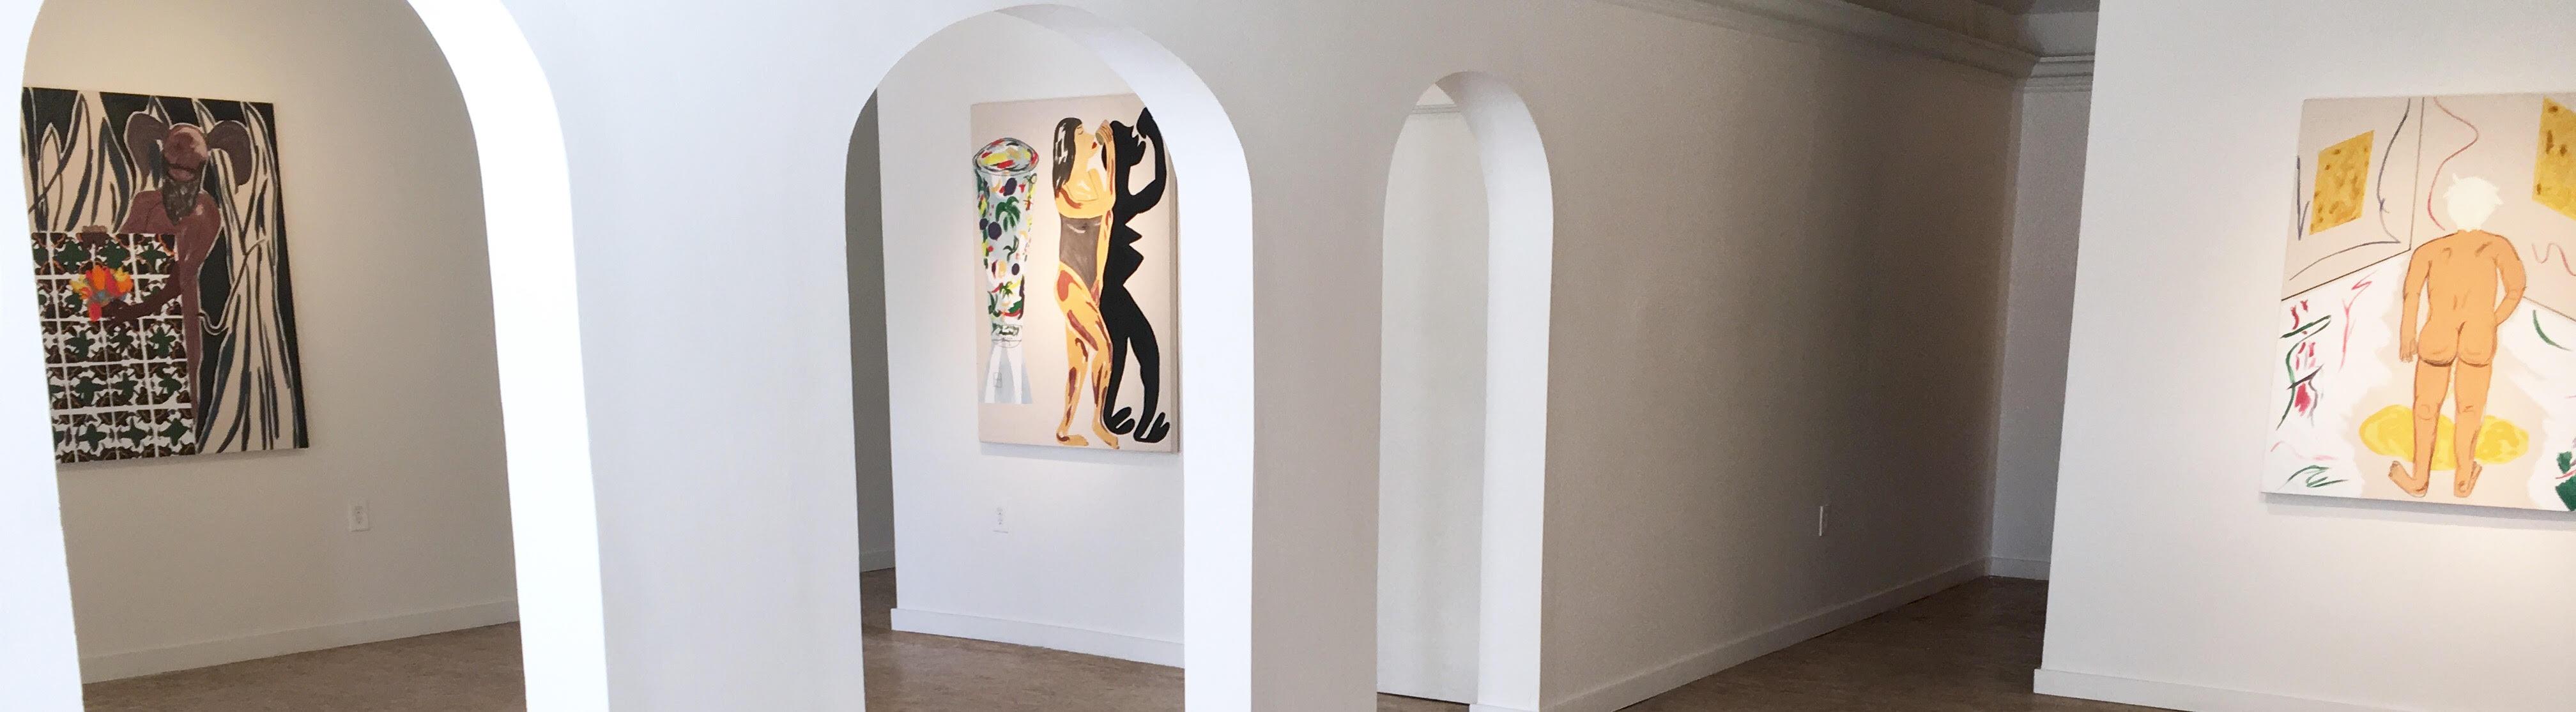 Micah Wood - Installation Shot